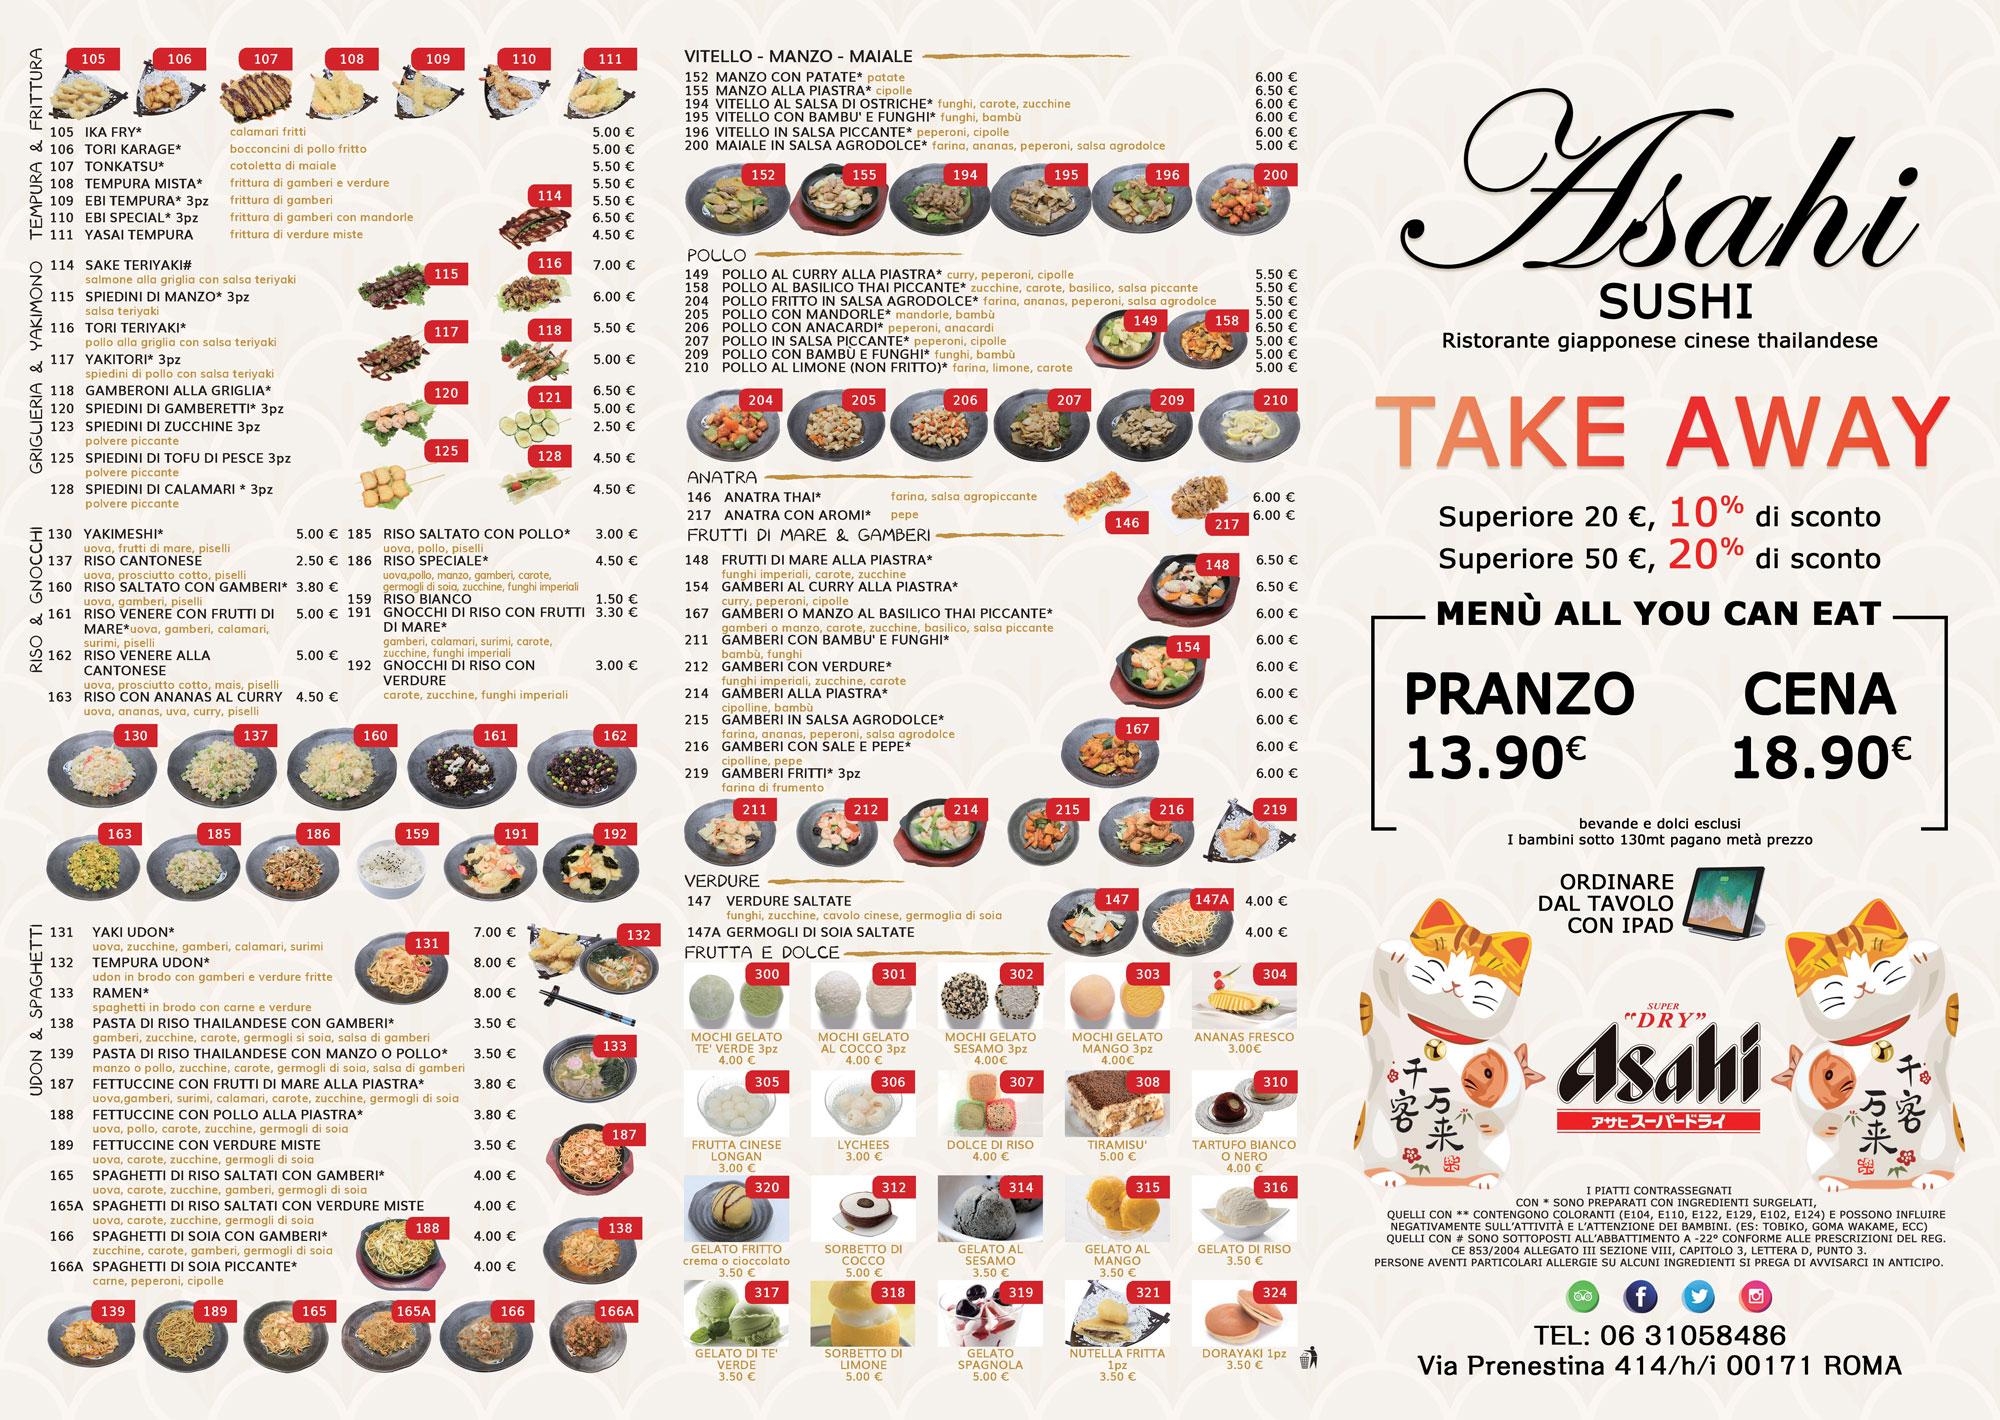 a3-asashi3-menu-take-away-nuovo